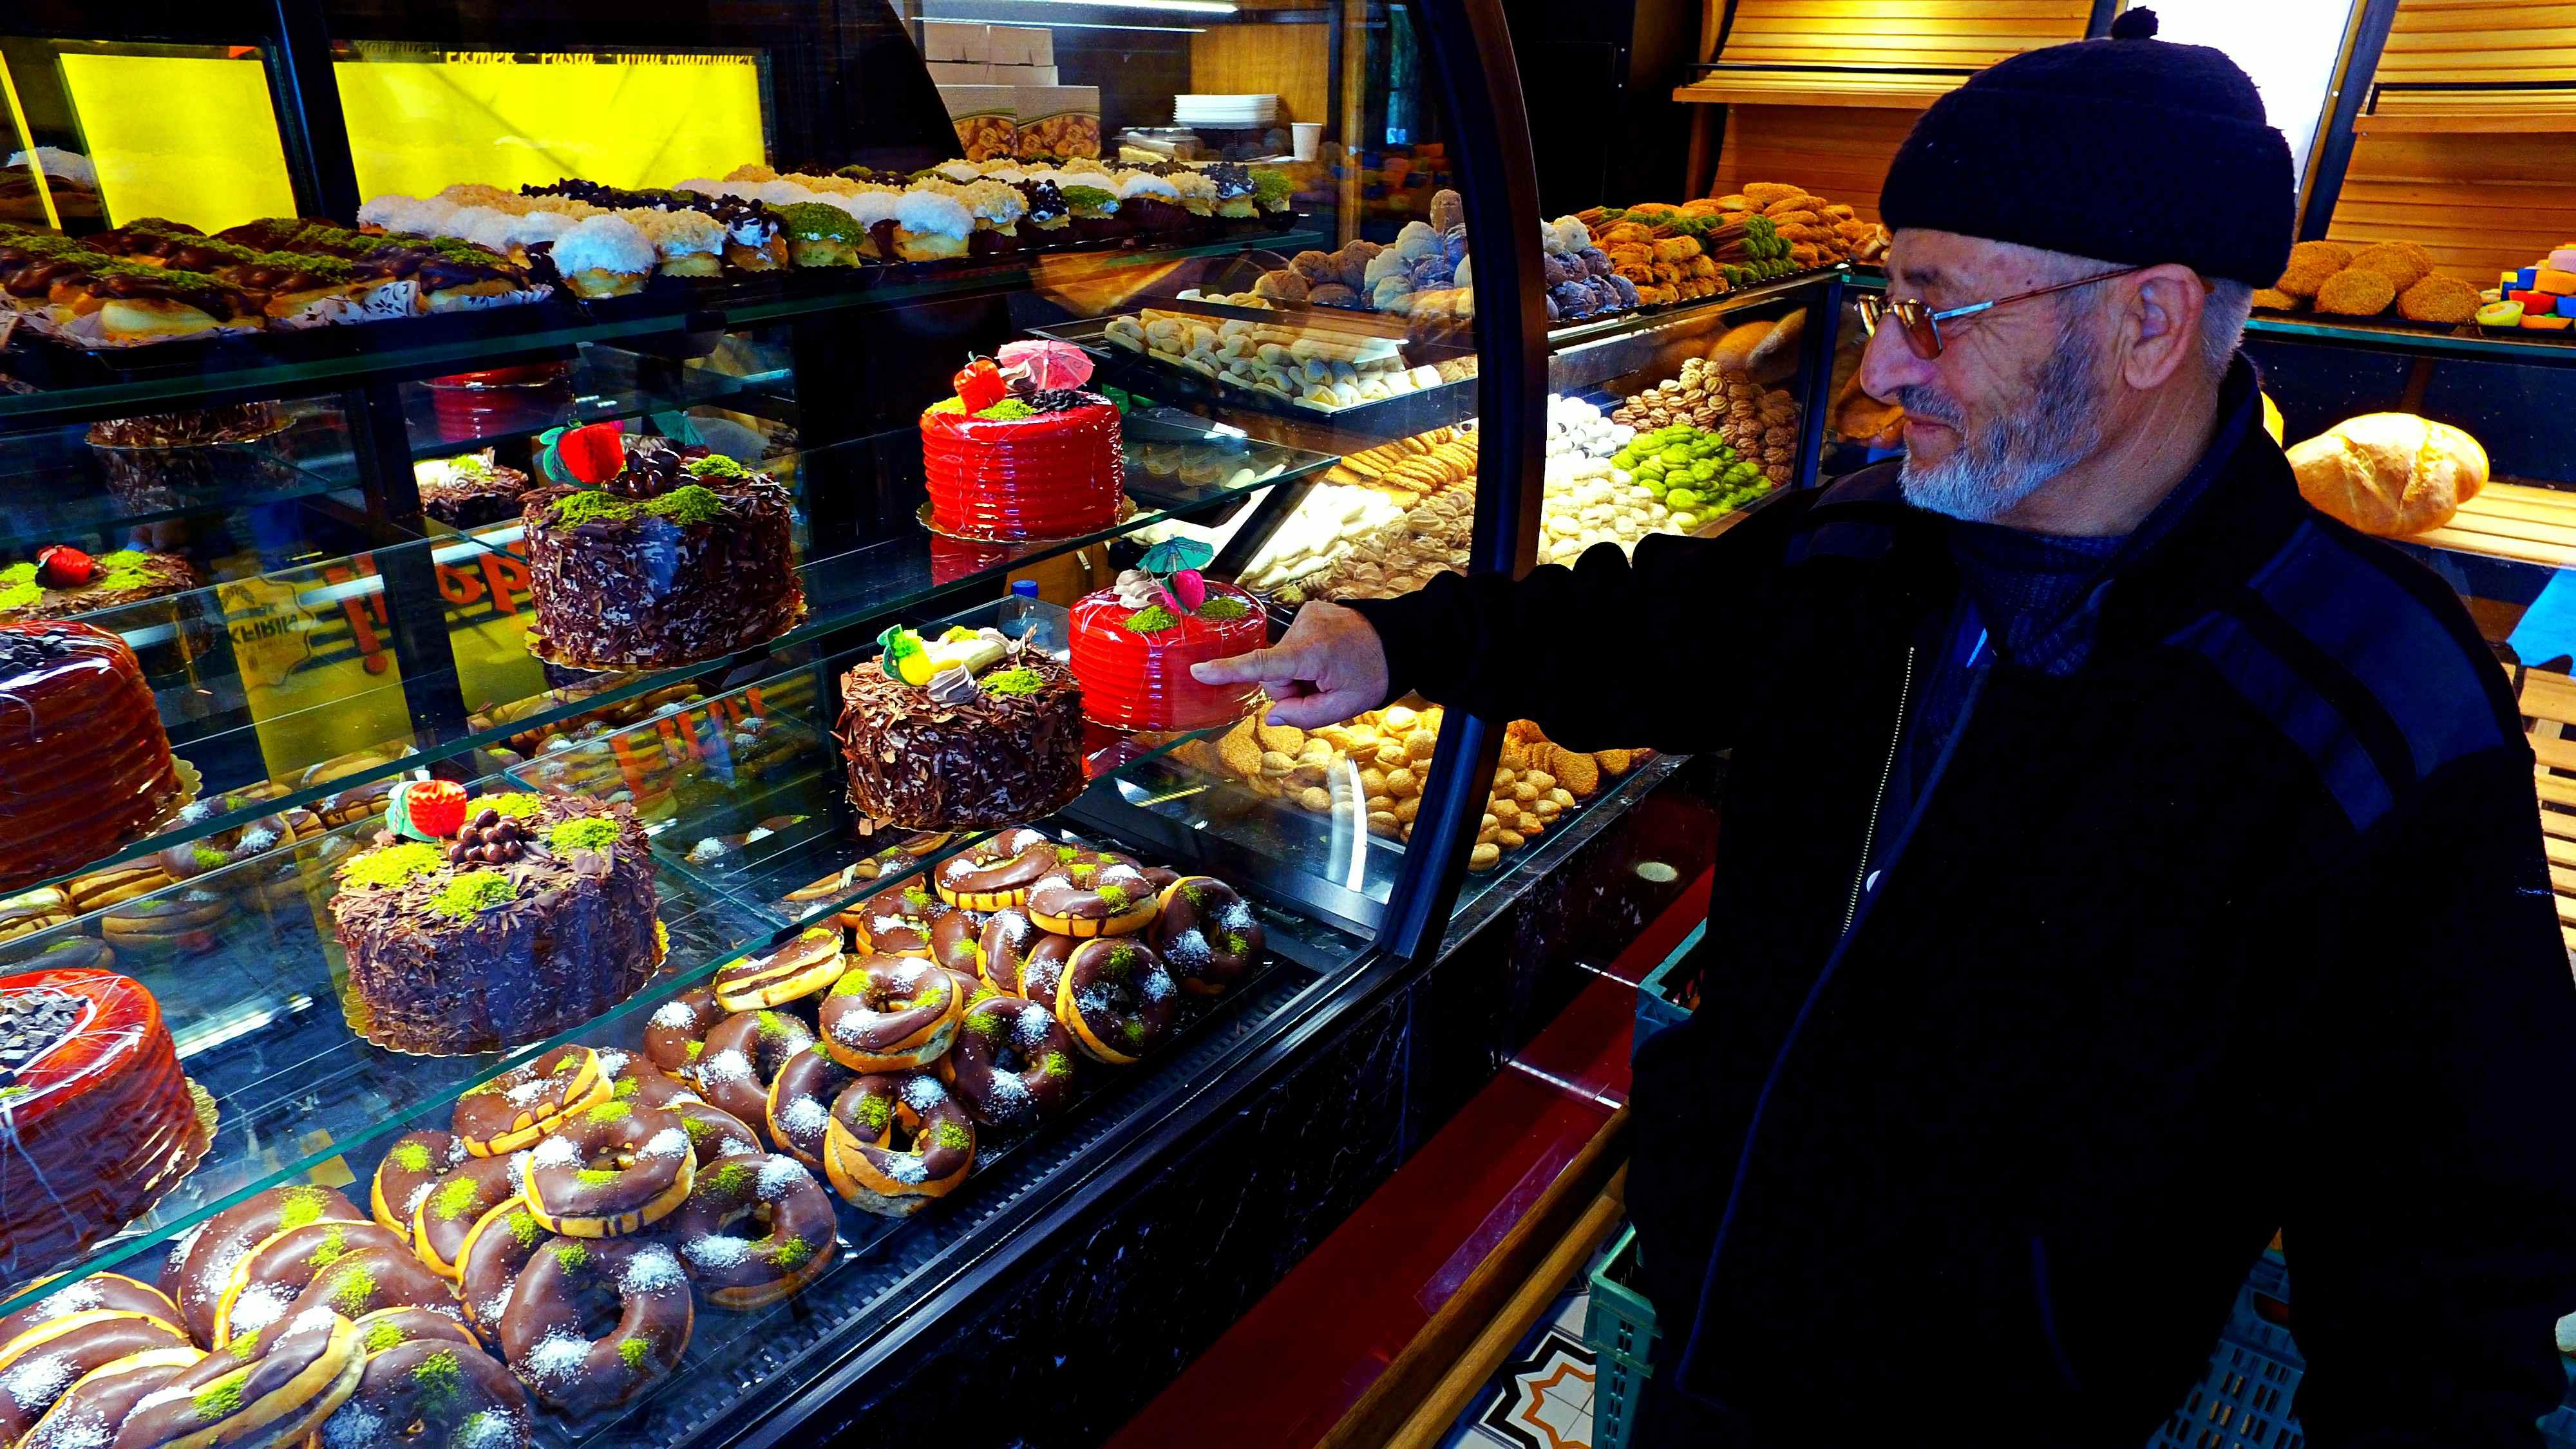 İpek Fırın, Ekmekte Olduğu Gibi Pastalarda da Ustalığını Kanıtladı